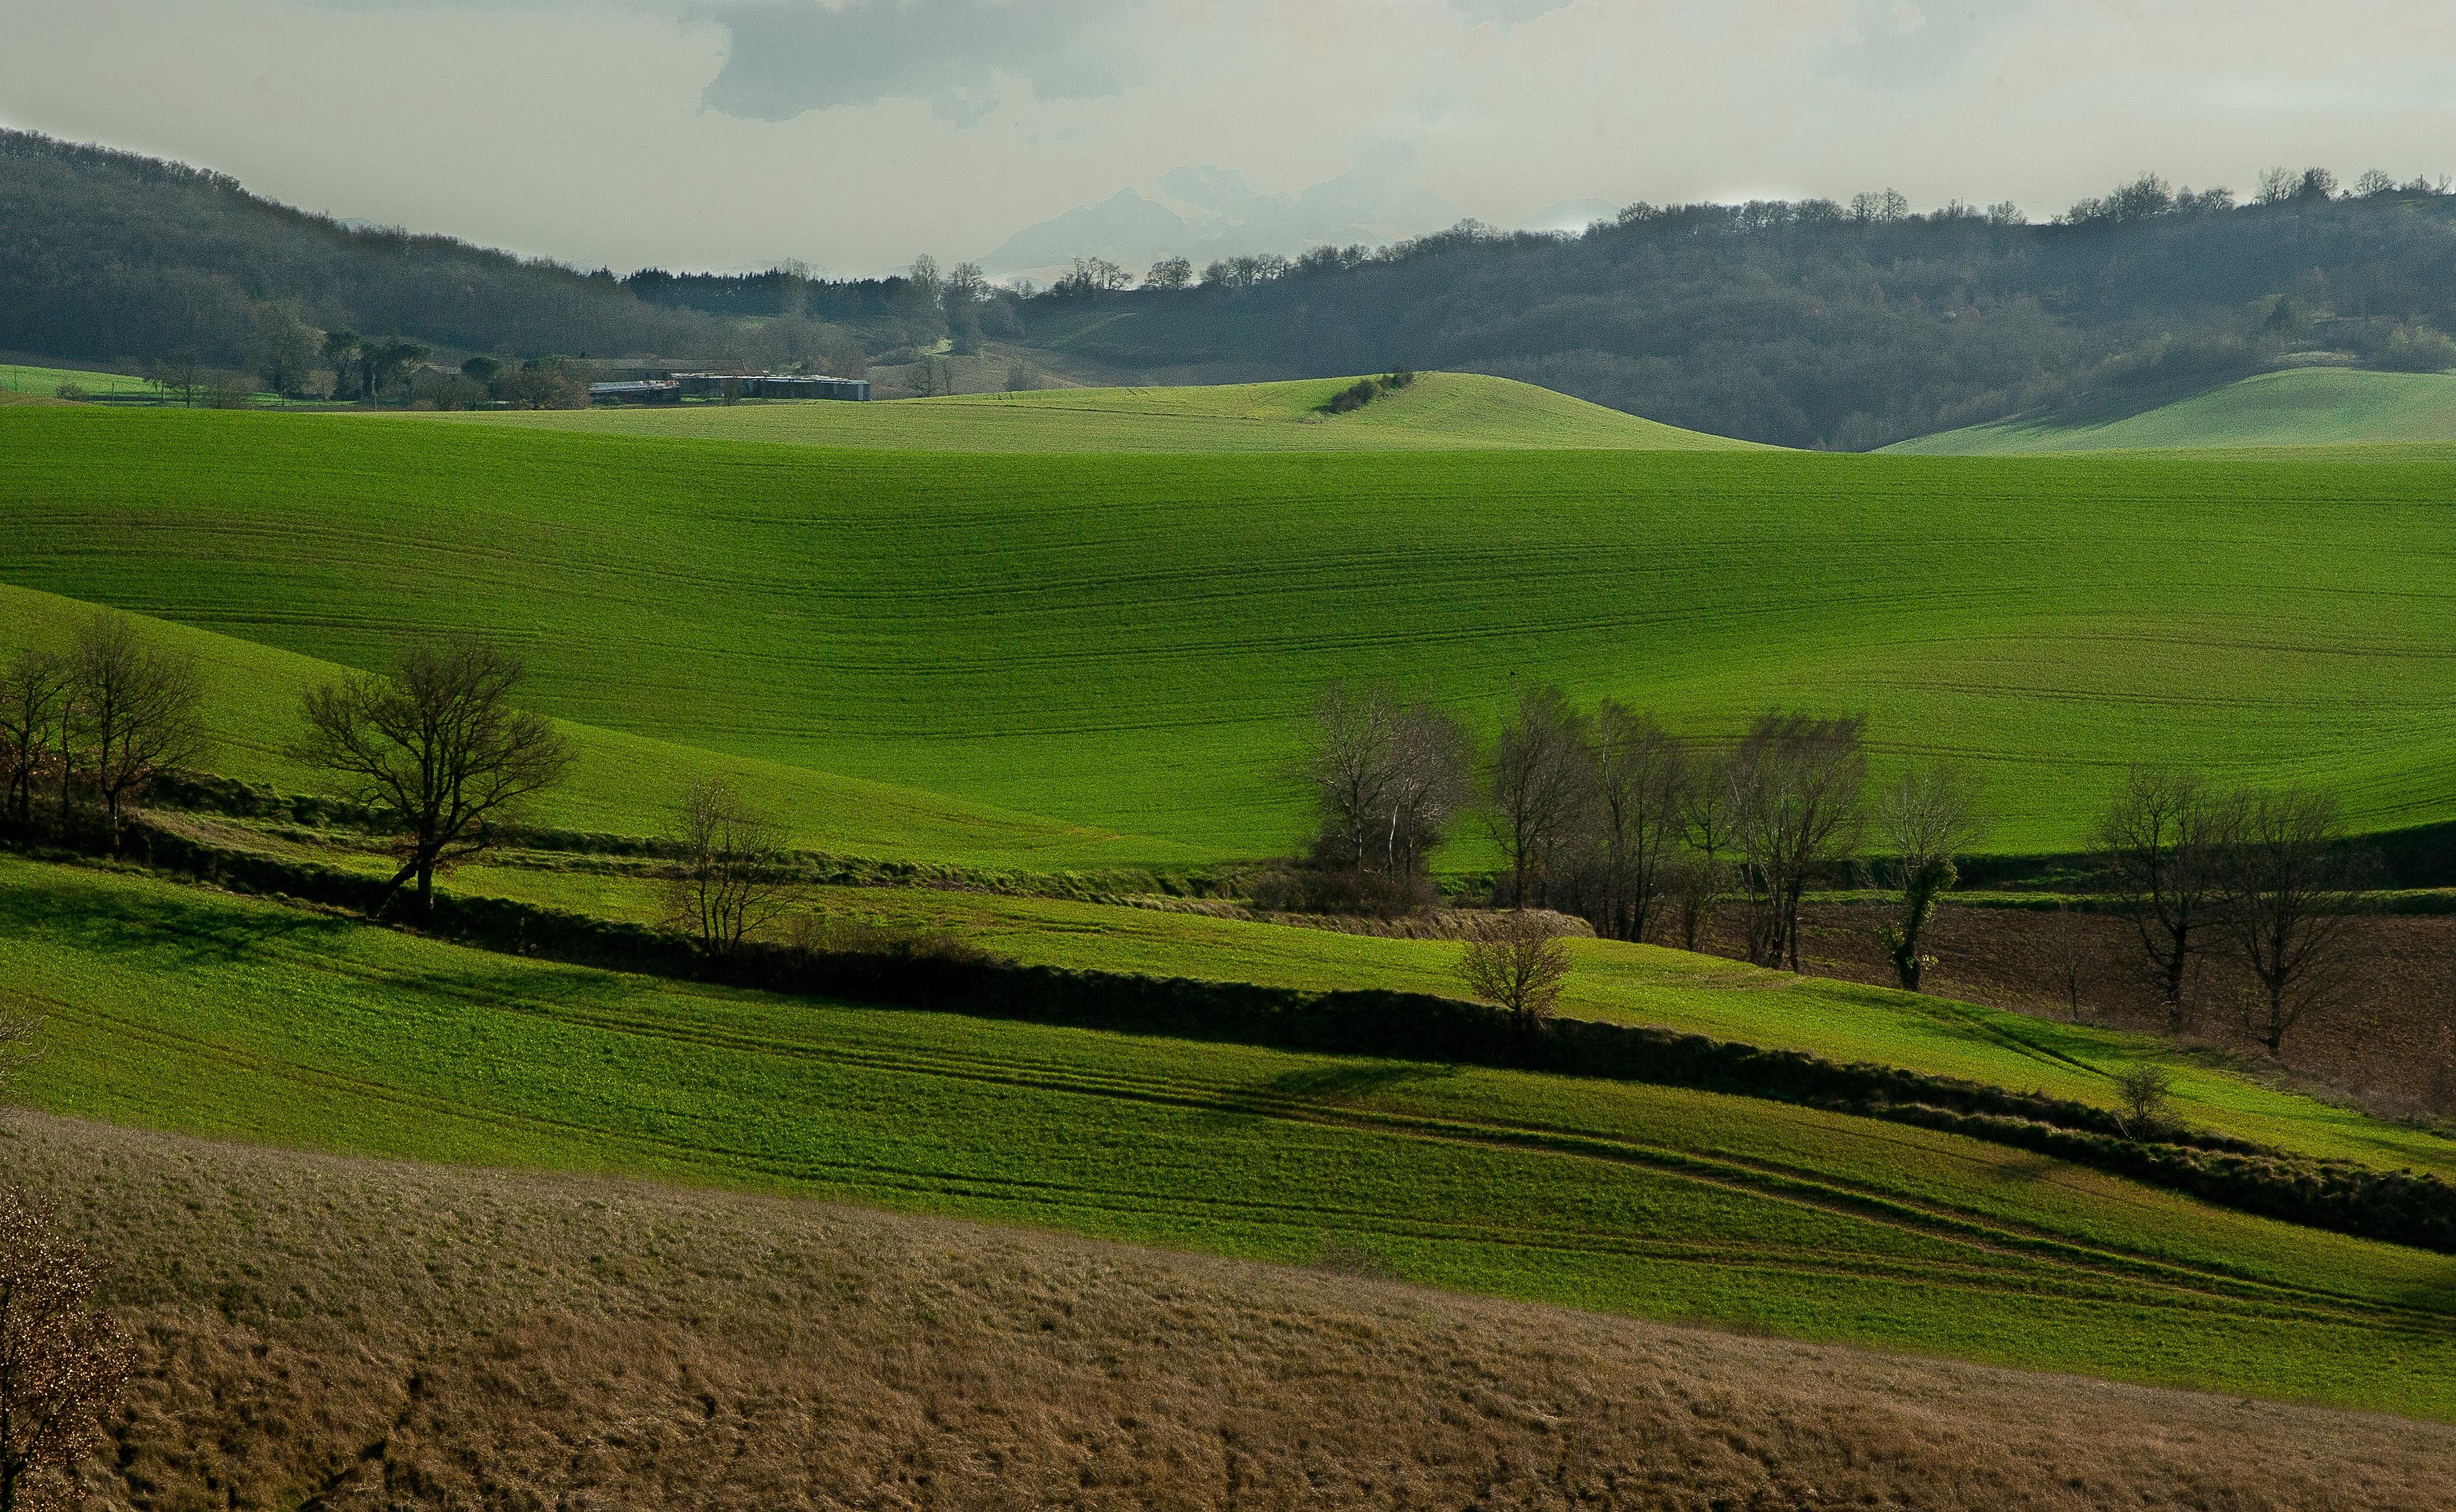 131280壁紙のダウンロード自然, フランス, 丘, フィールド, 畑, 草-スクリーンセーバーと写真を無料で